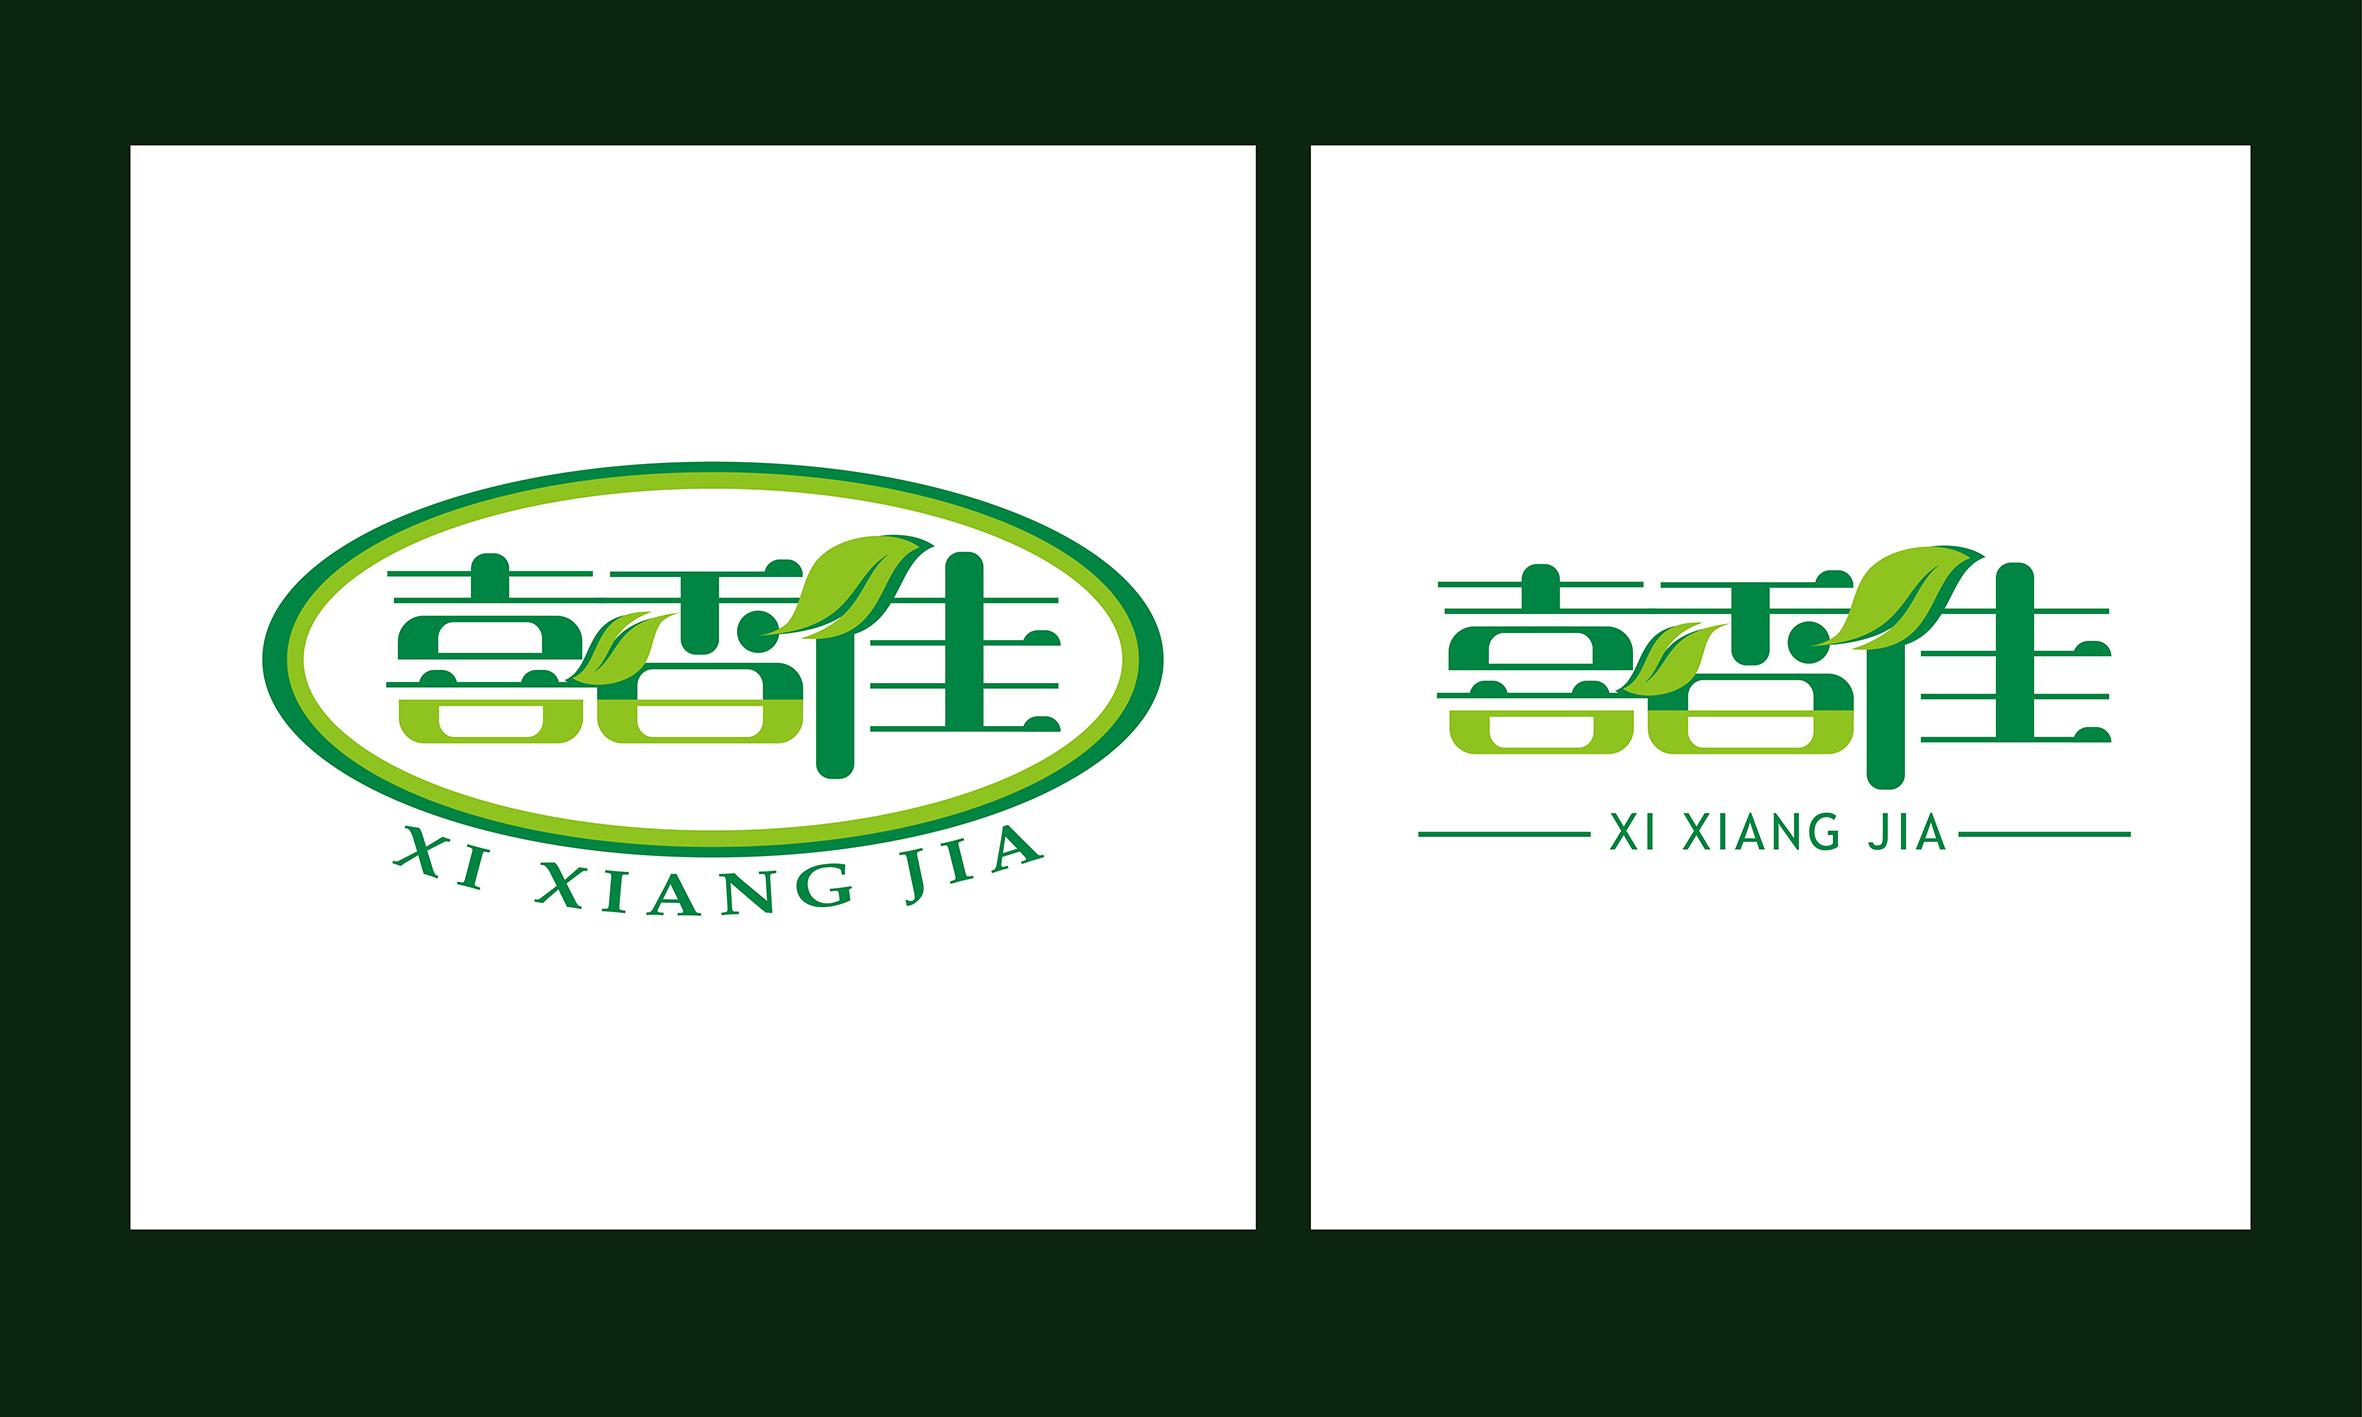 农林公司产品logo设计_2962278_k68威客网